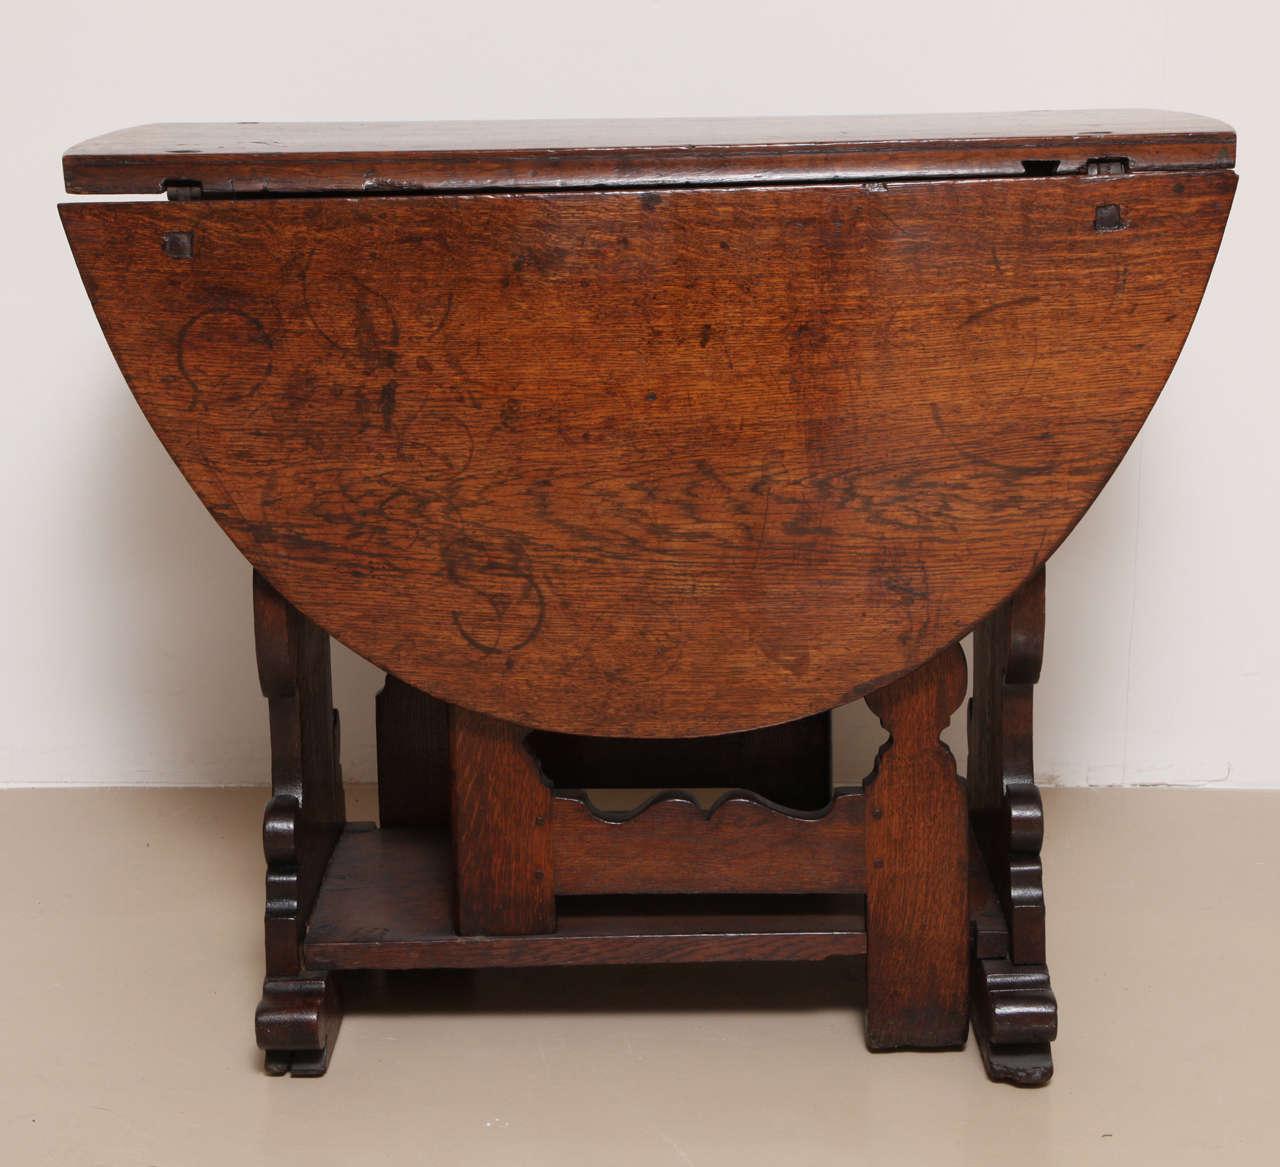 Antique flemish oak drop leaf gate leg table for sale at 1stdibs european antique flemish oak drop leaf gate leg table for sale watchthetrailerfo